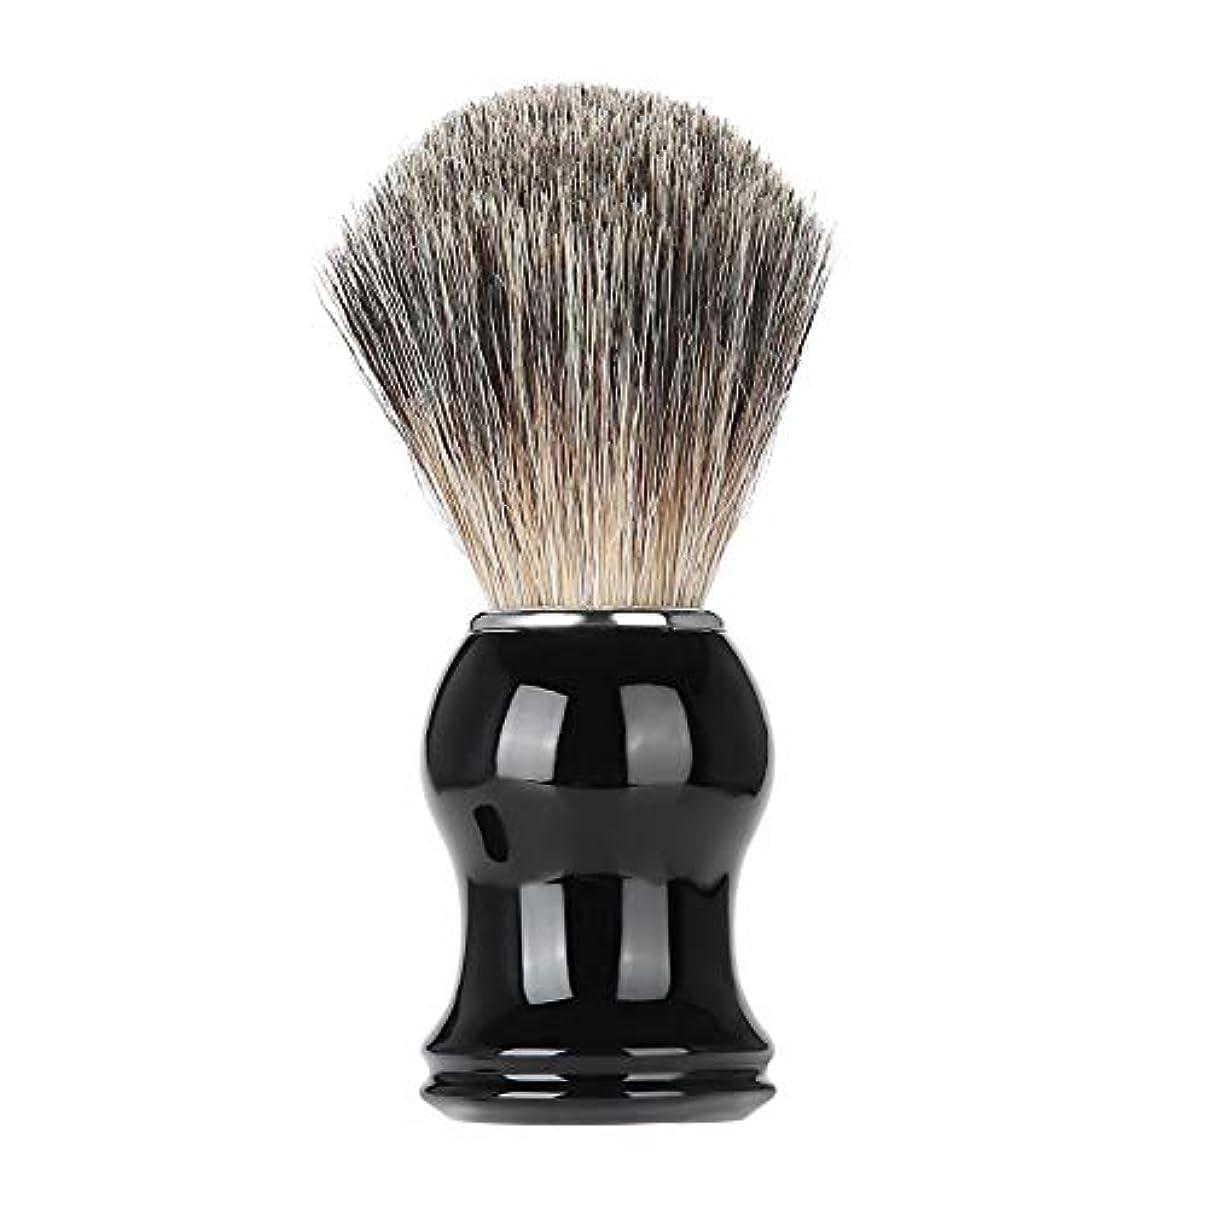 森林すばらしいです貸すシェービングブラシ男性髭口ひげ剃毛ブラシ樹脂ハンドル髭剃りツール